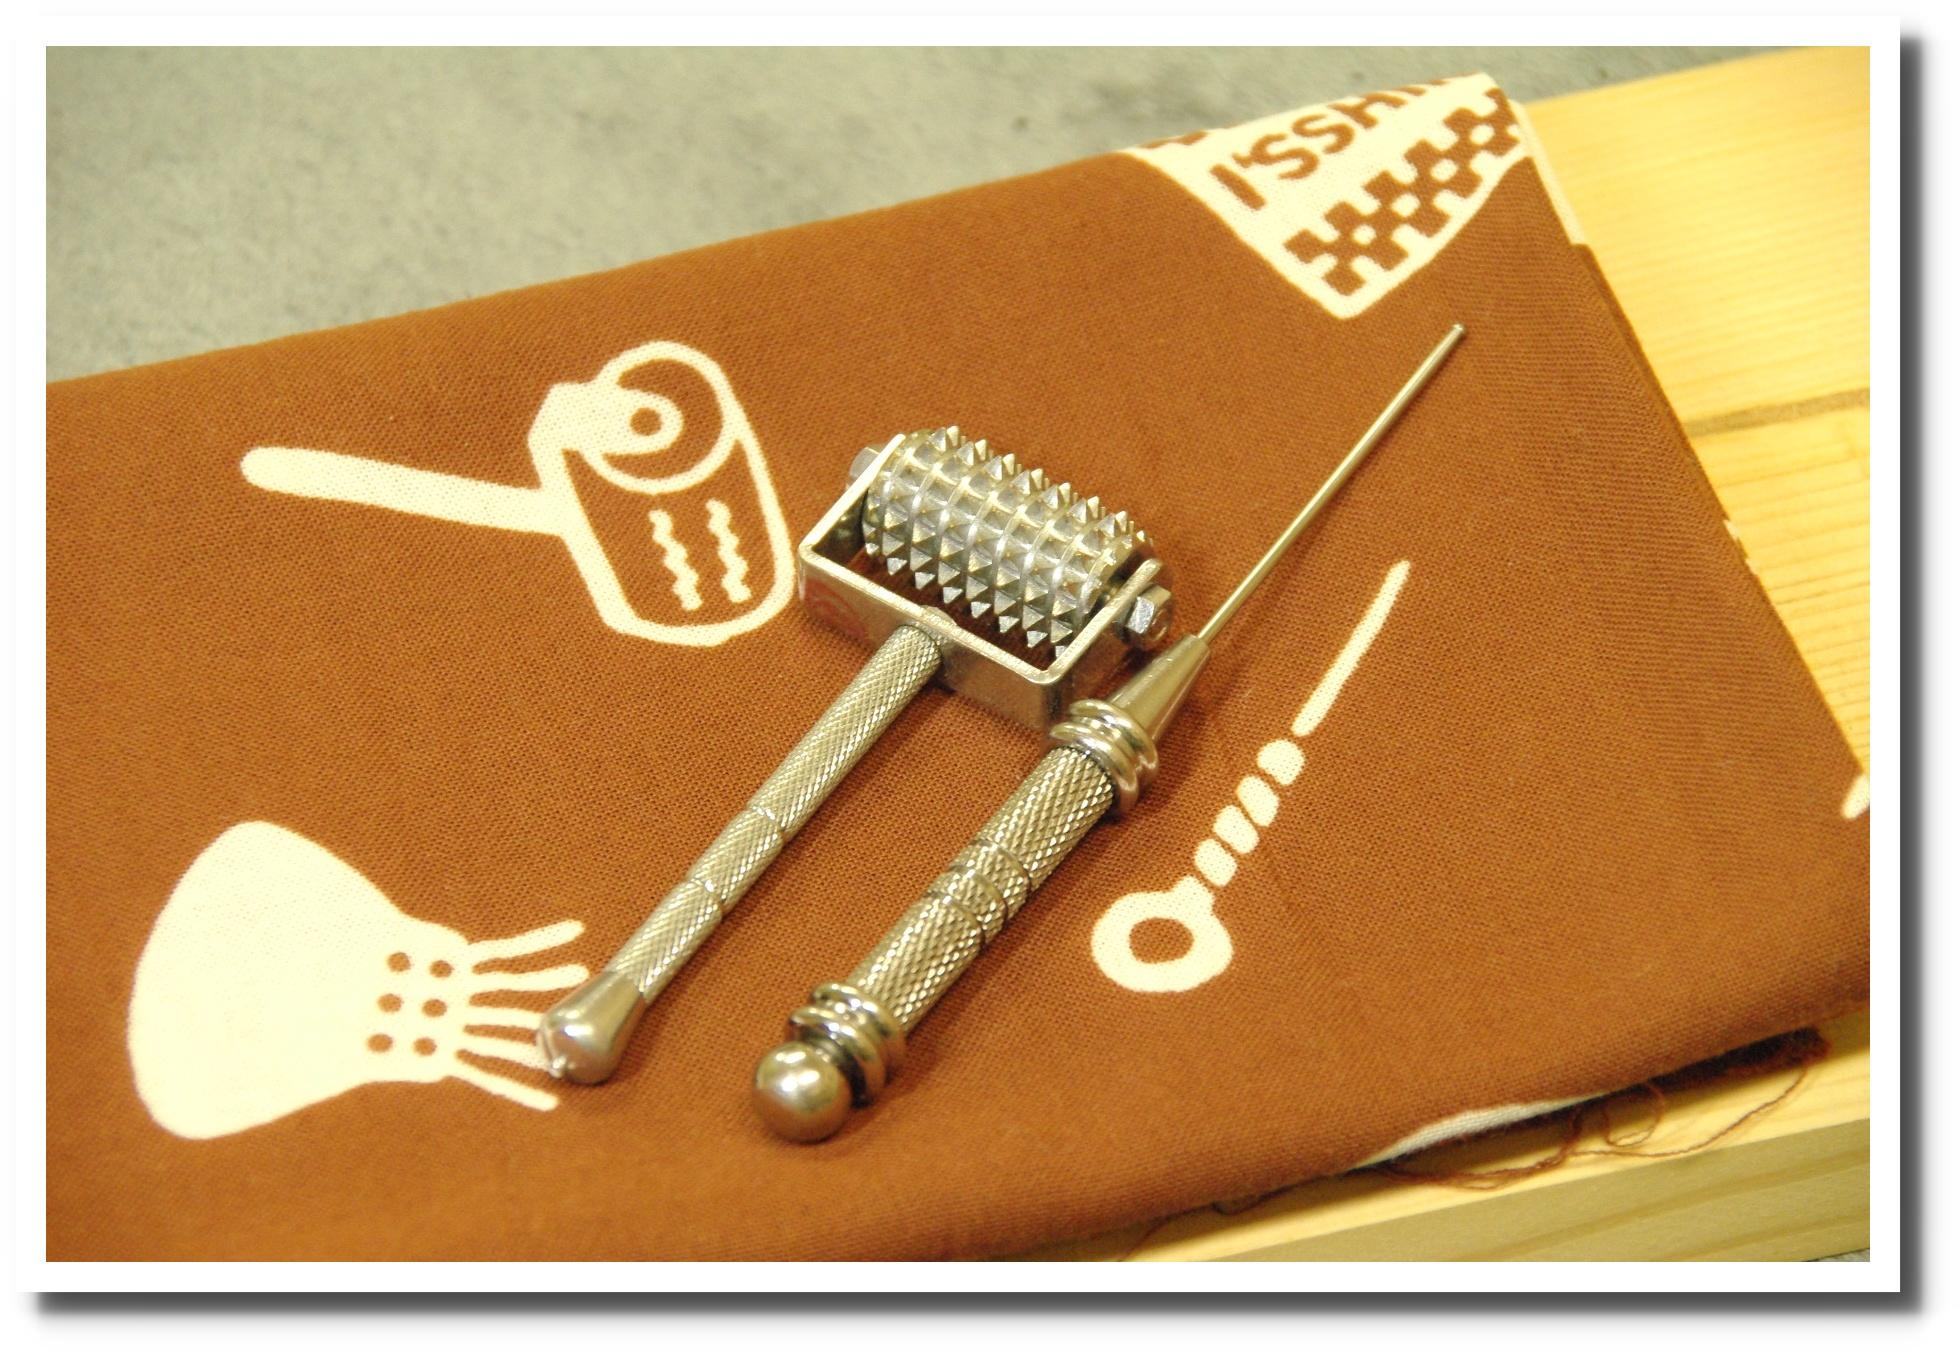 せきぐち鍼灸整体院|武蔵小金井|おねしょ(夜尿症)